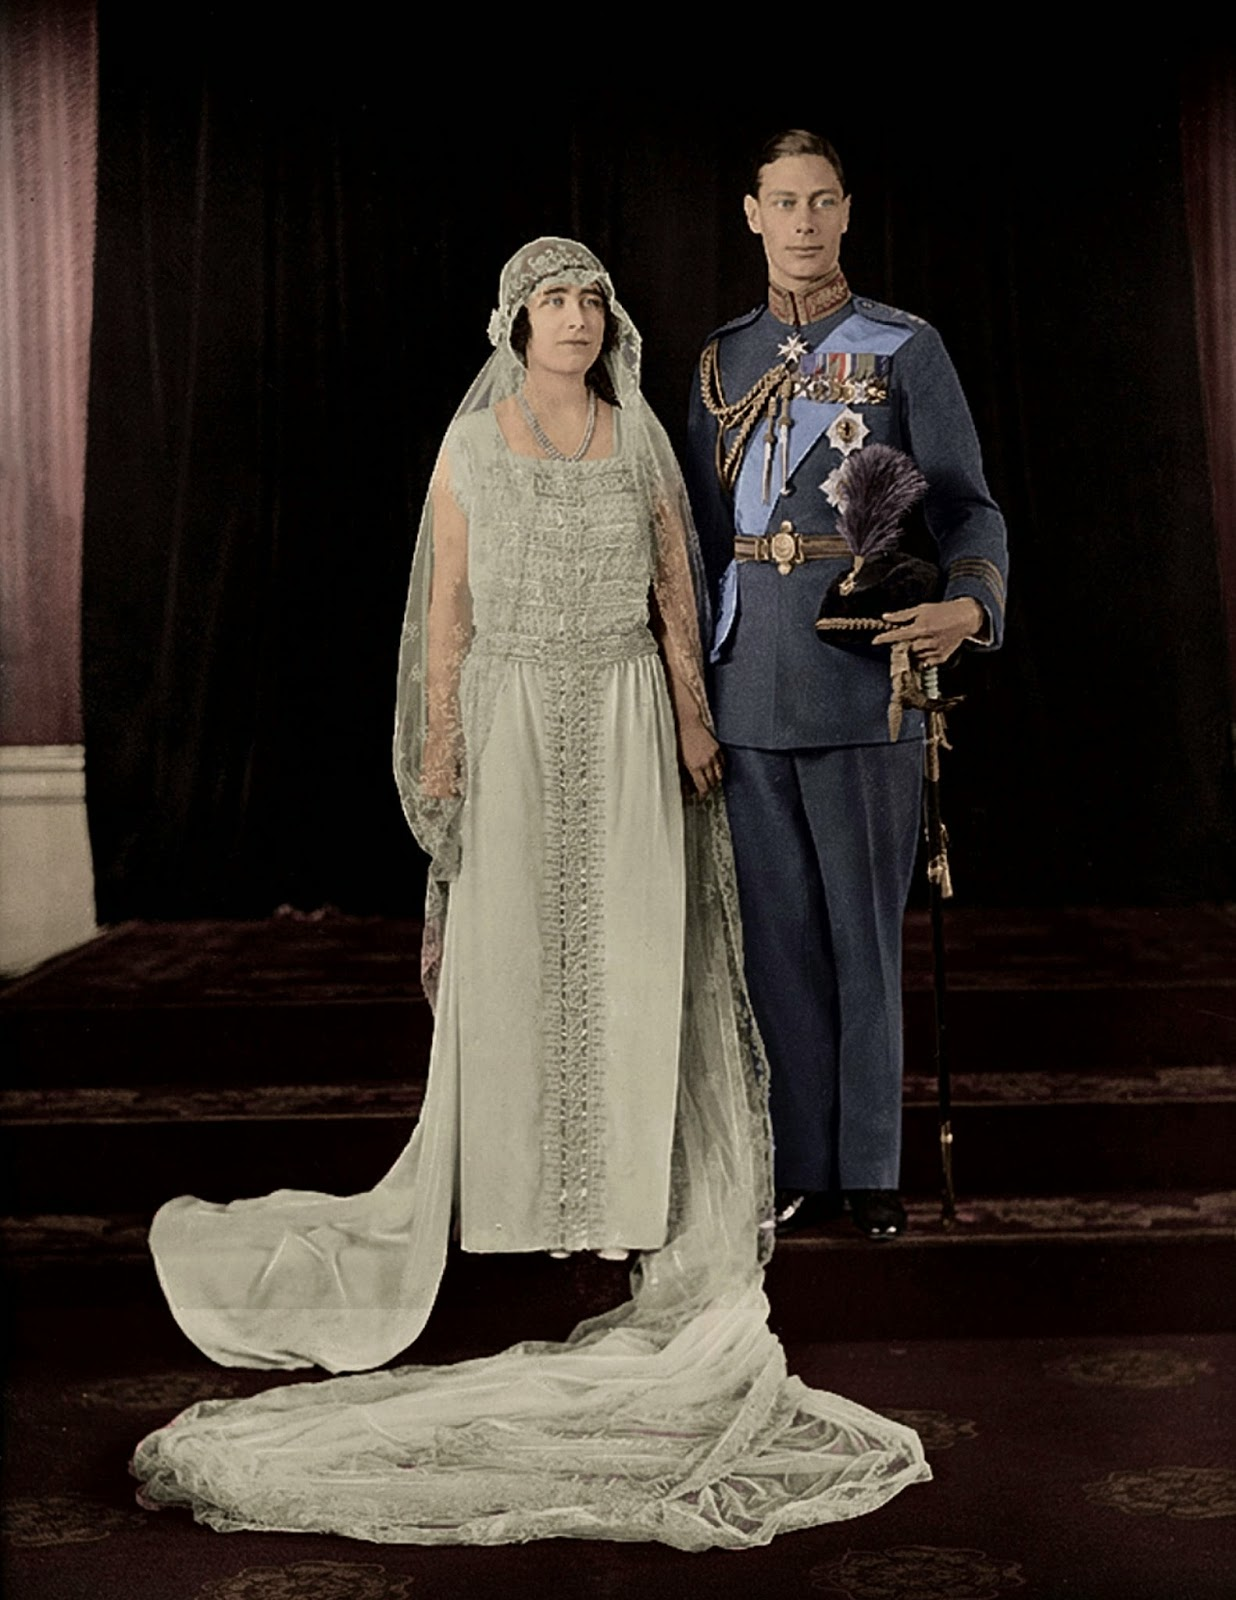 Duke and Duchess of York wedding day 1923